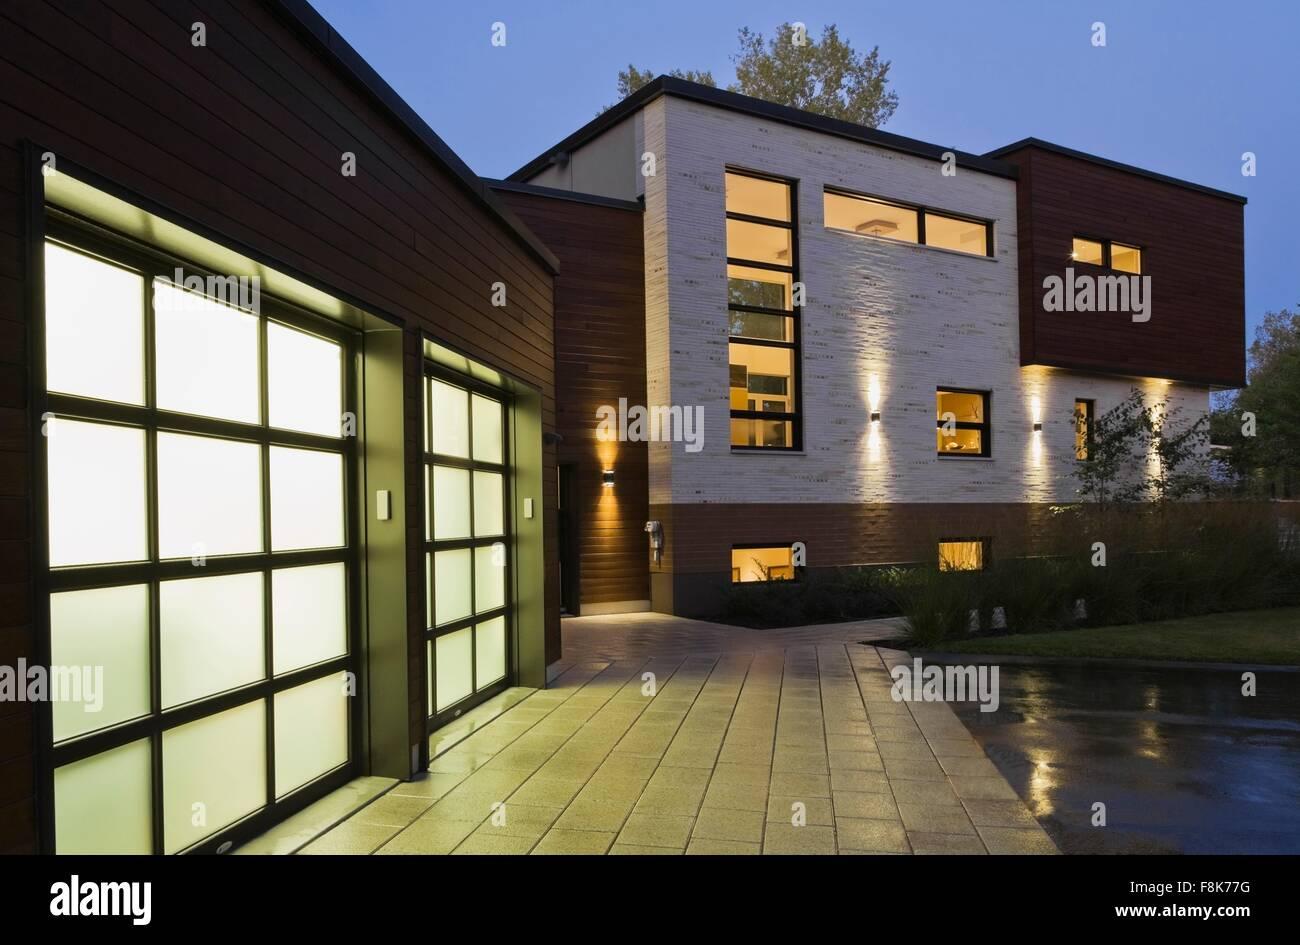 Illuminata due garage auto del moderno stile cubista casa residenziale al crepuscolo, Quebec, Canada Immagini Stock